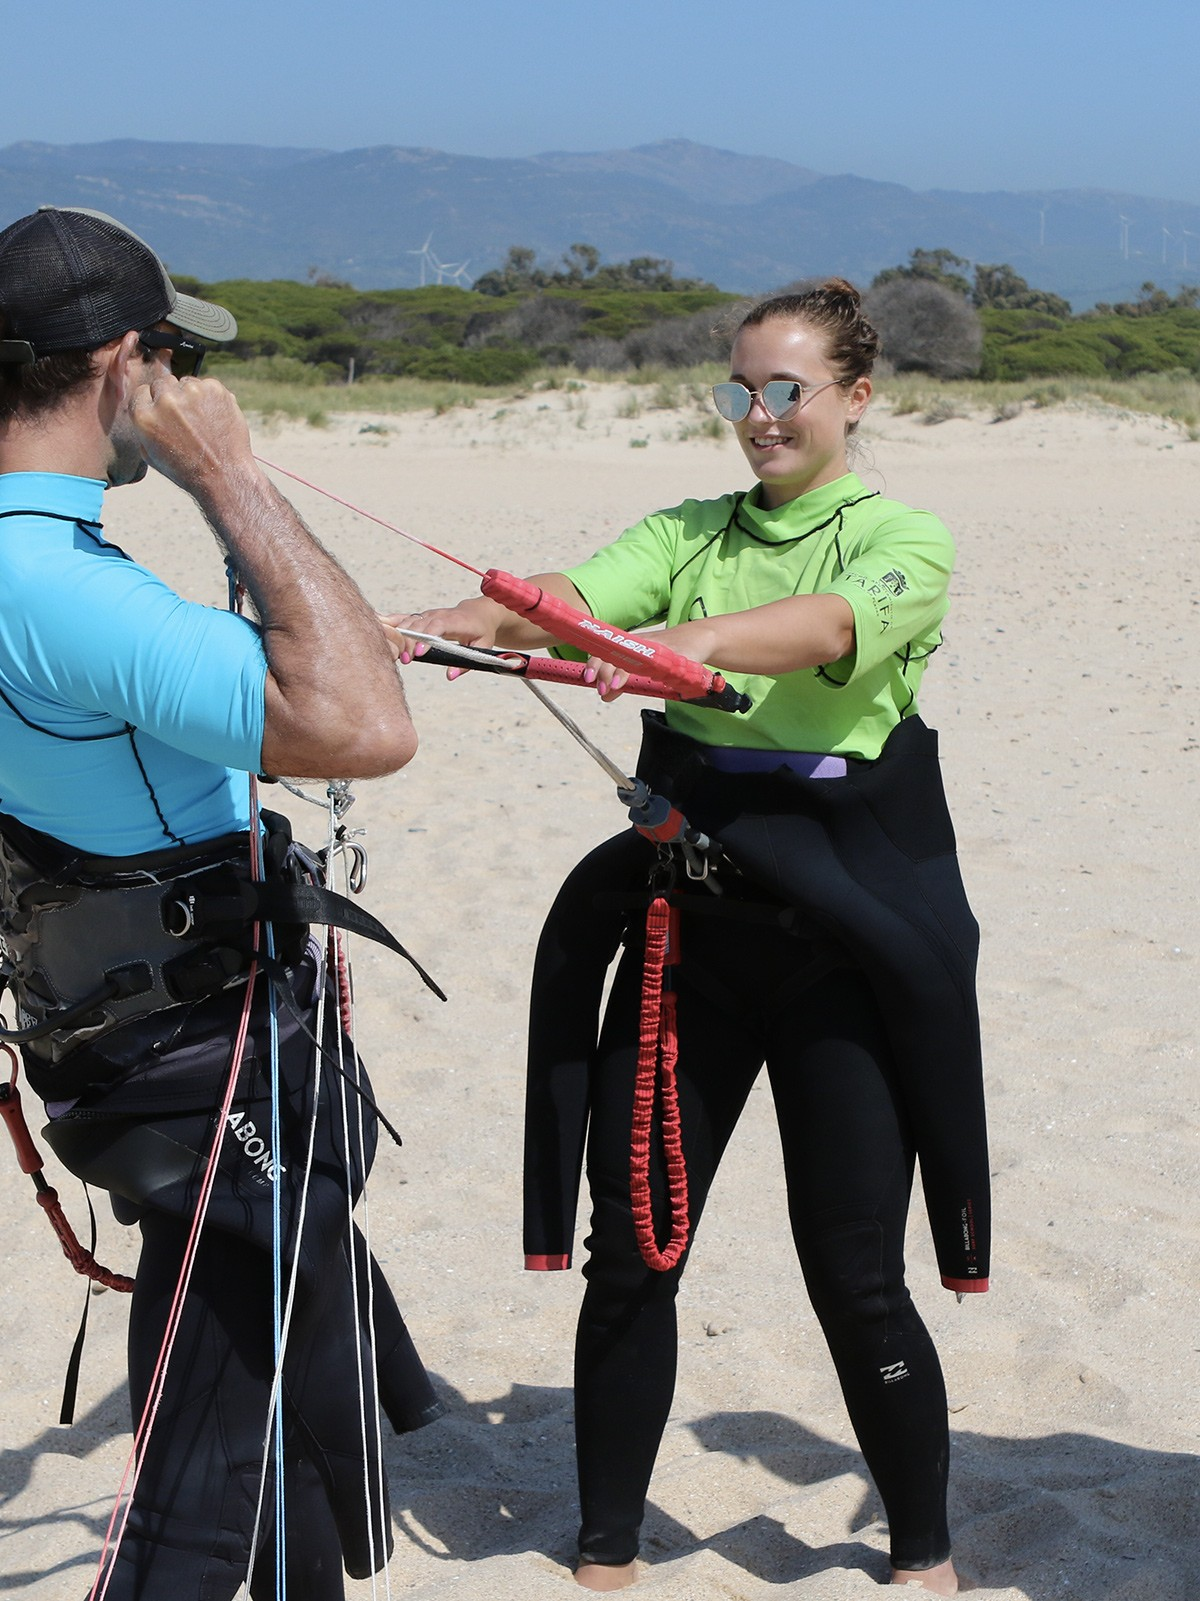 Système de sécurité cours de kitesurf semi-privé